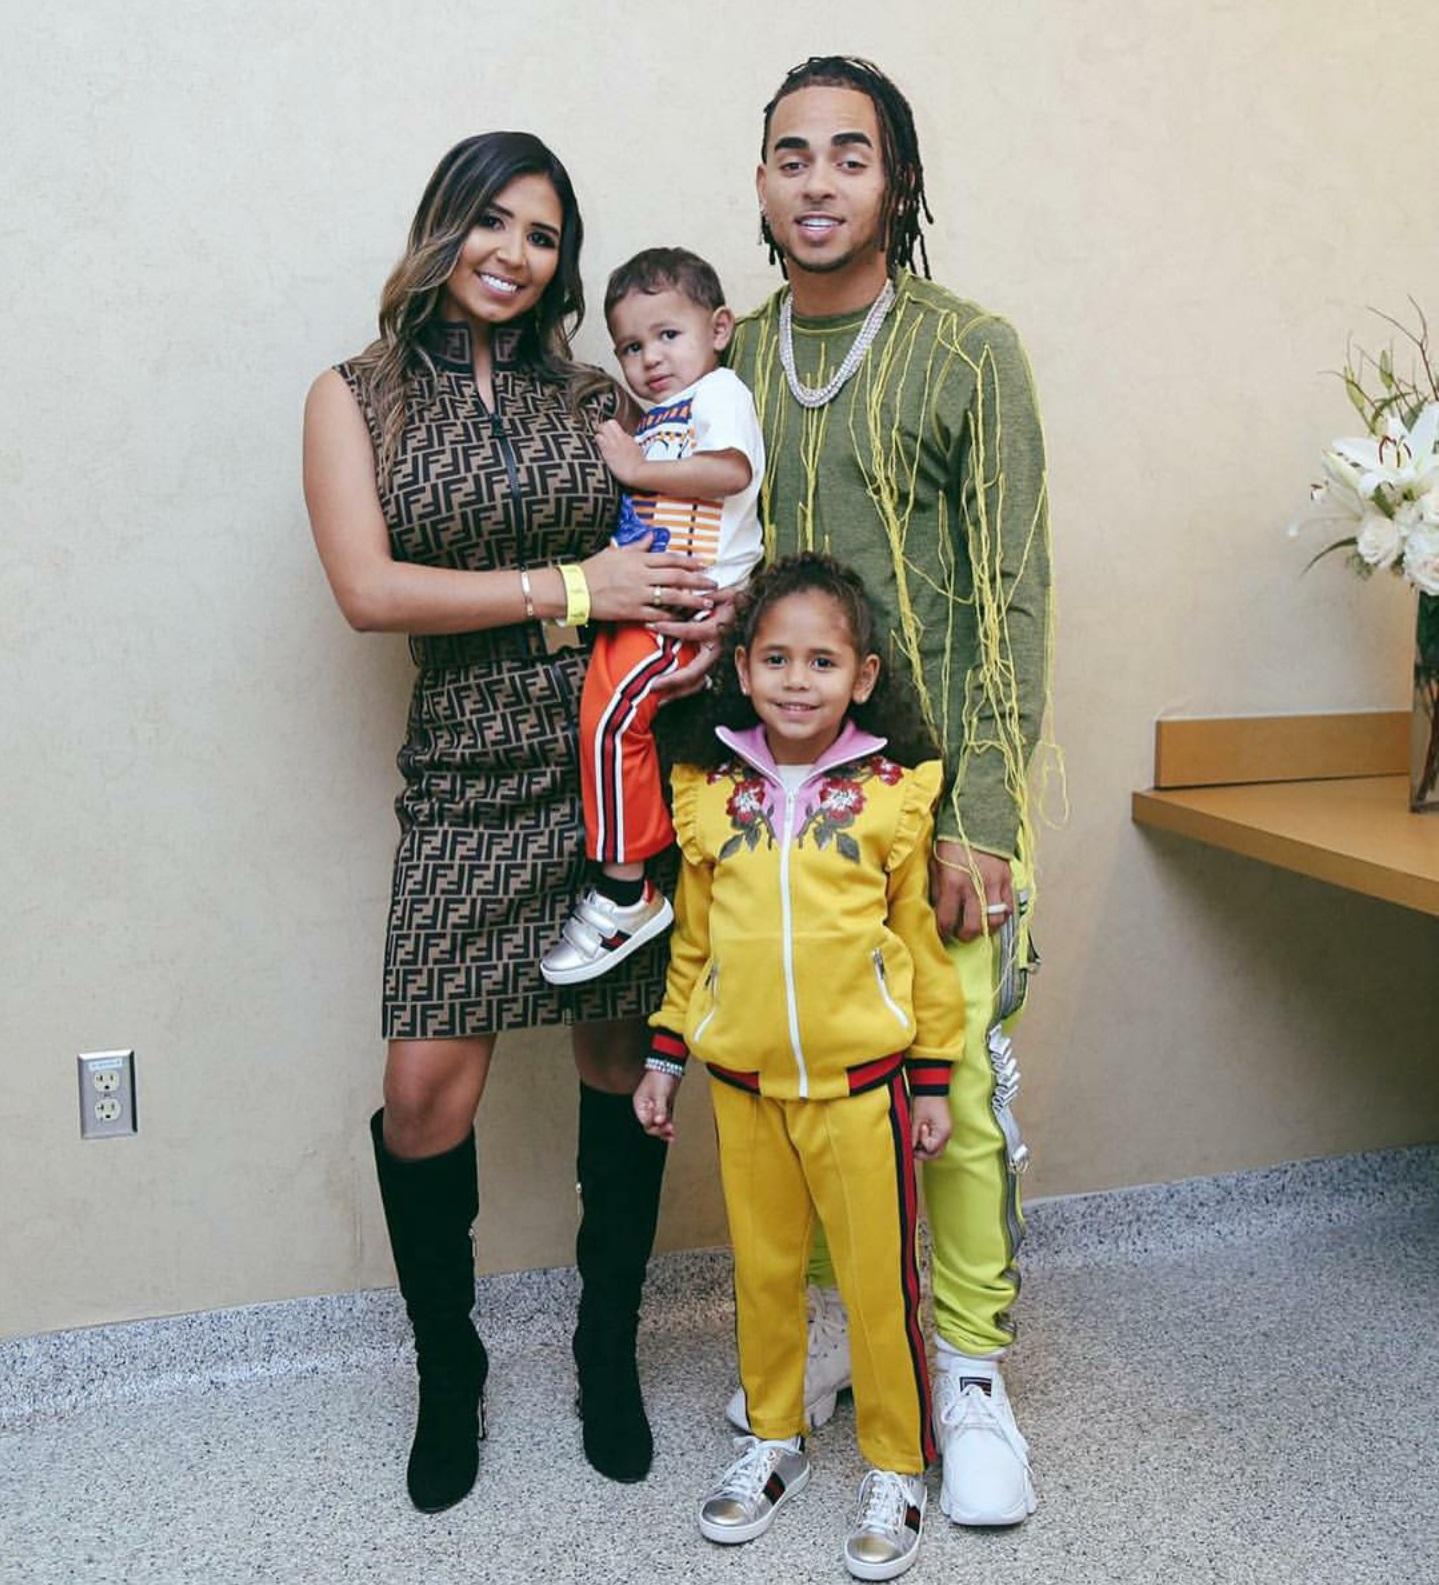 Cuántos hijos tiene OZUNA? Esposa de OZUNA, Taina Marie Meléndez